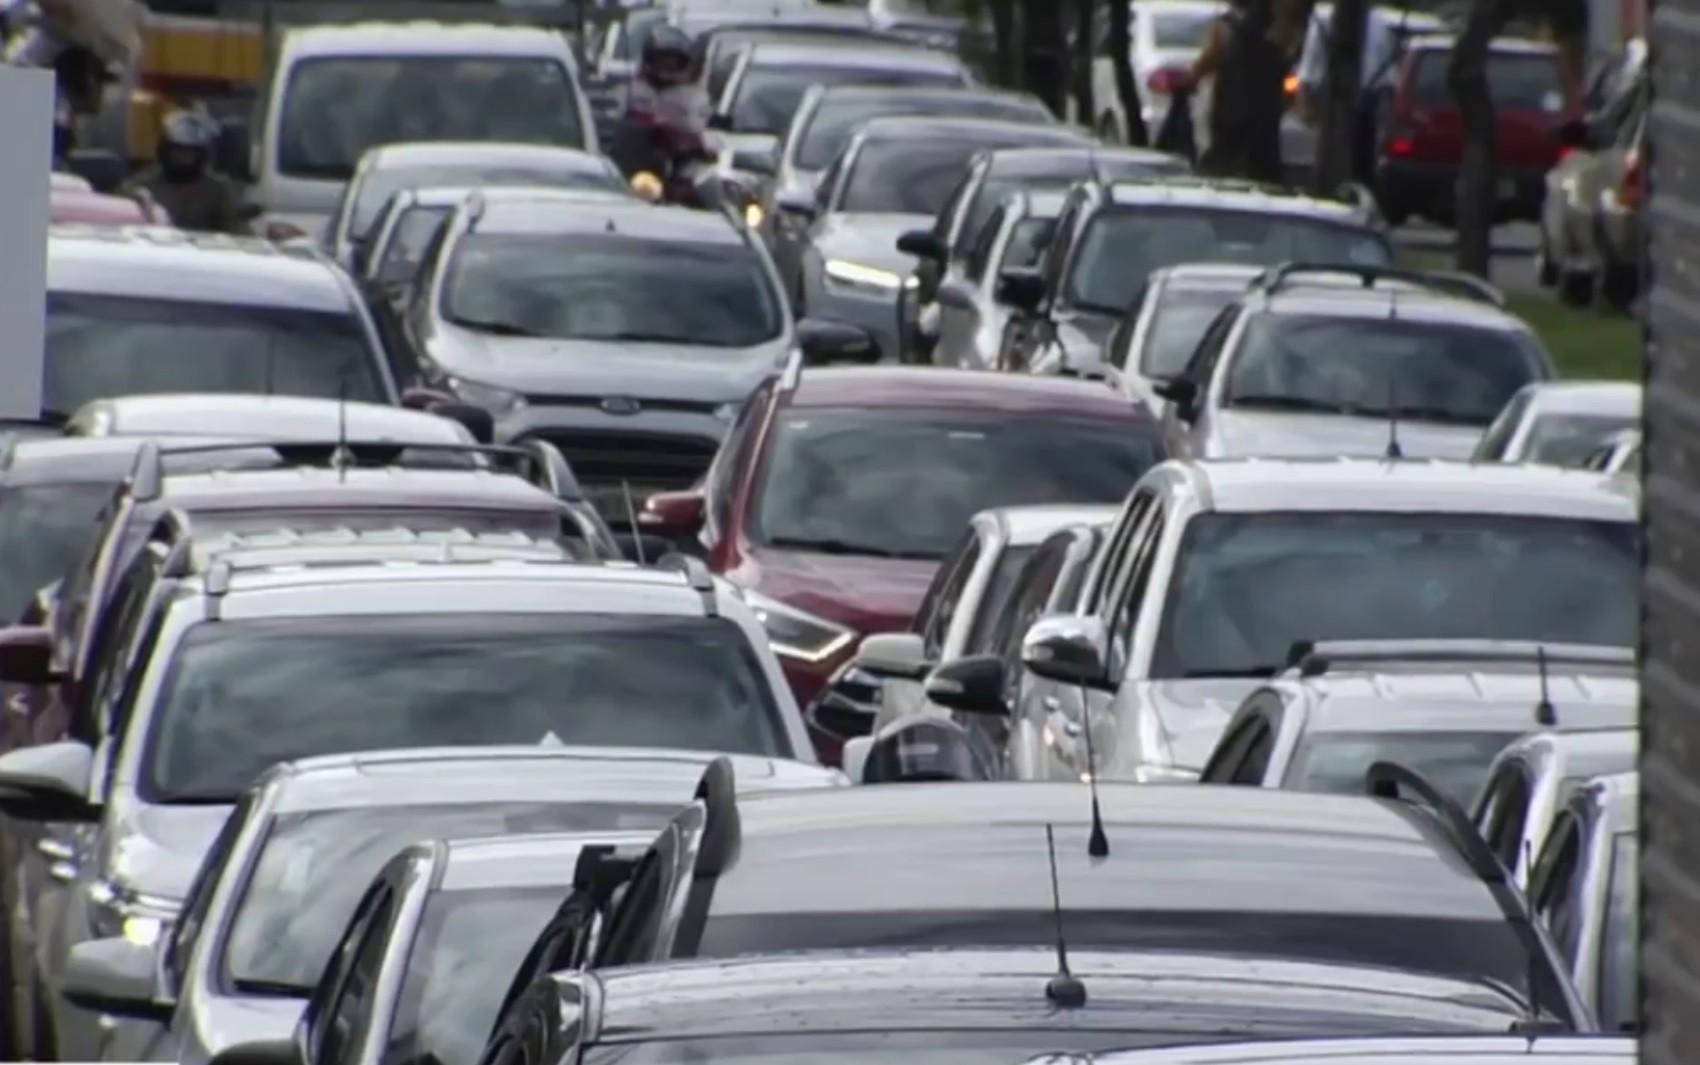 Goiânia tem 605,3 mil carros e possui a 6ª maior frota do país, aponta estudo